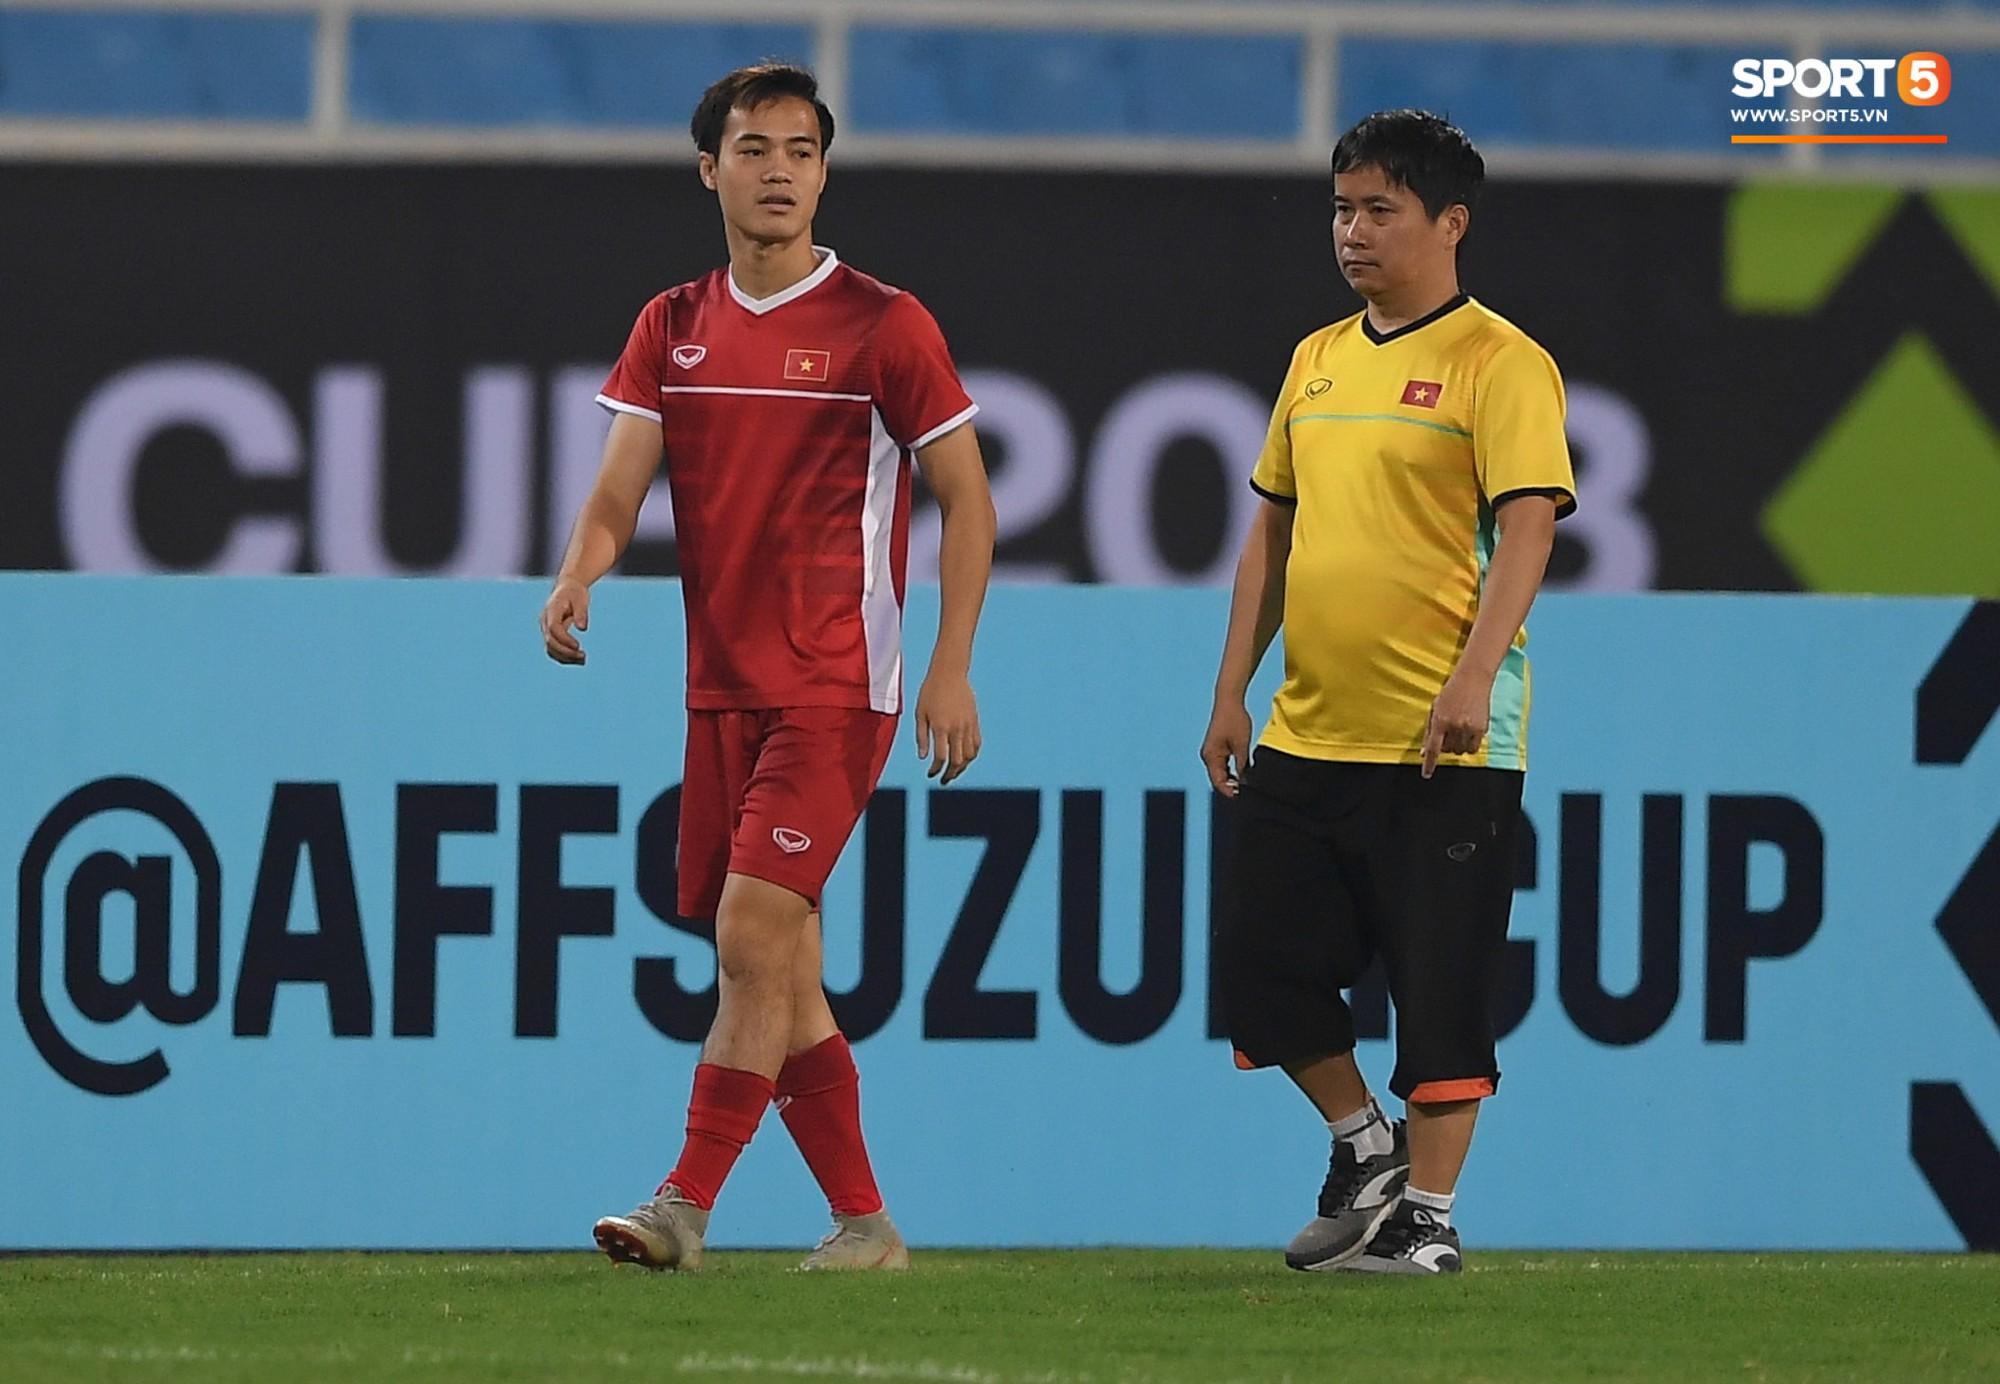 Văn Toàn tươi rói trong ngày trở lại, tuyển Việt Nam đón nhiều tin vui trước trận gặp Philippines-4